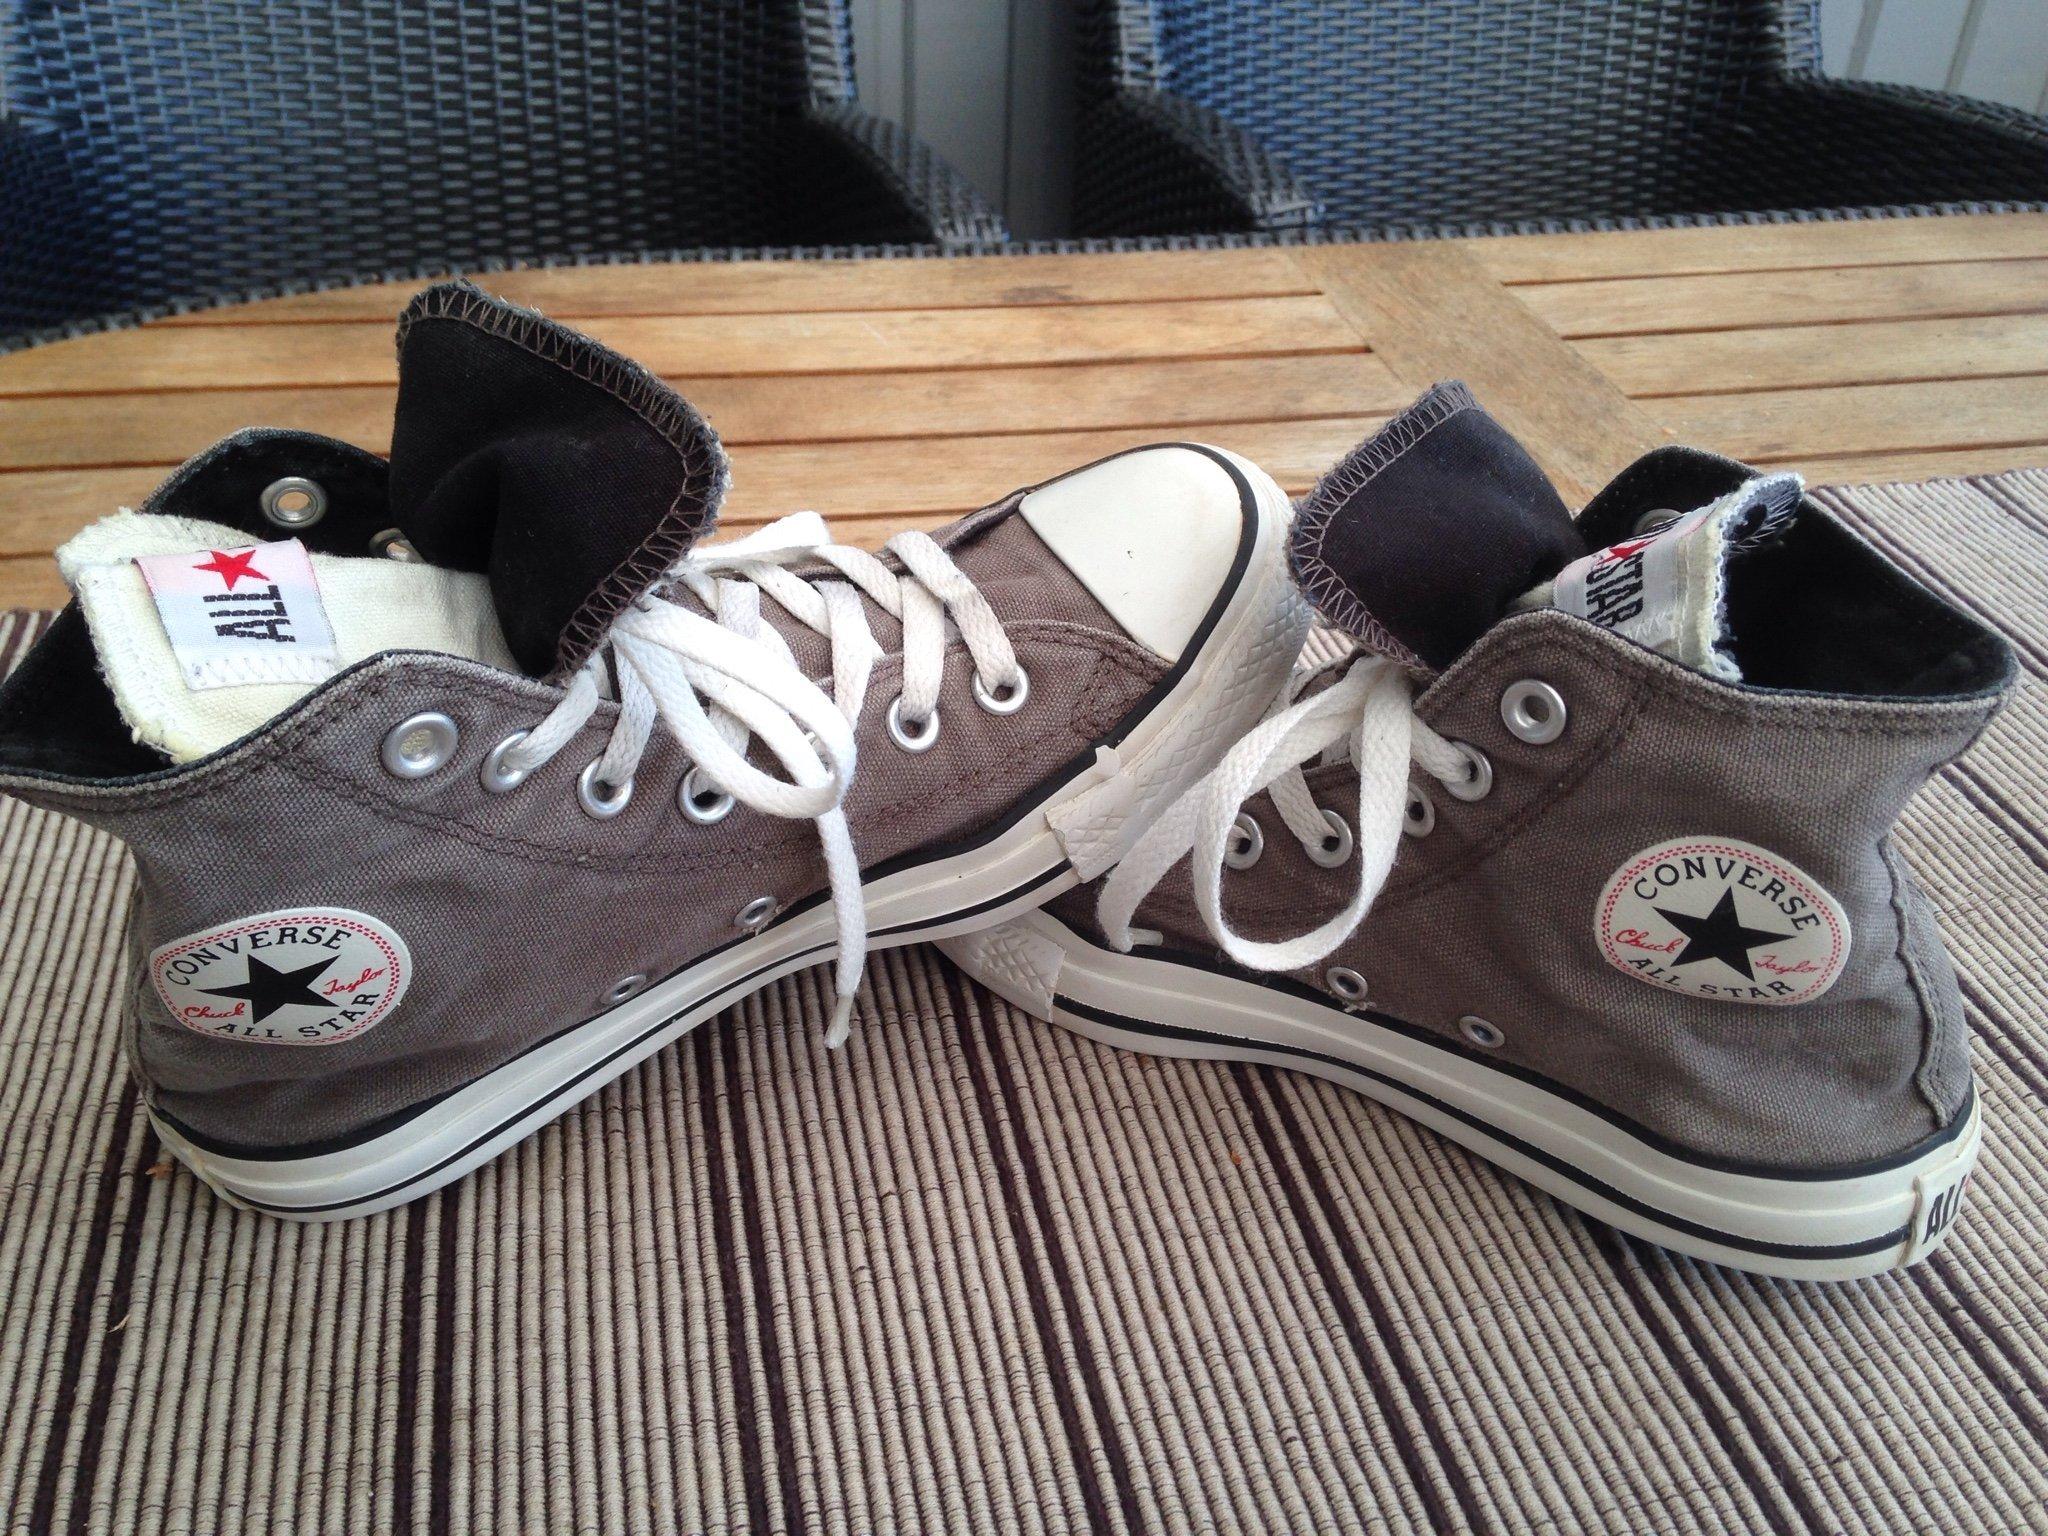 4d85d20fd6d Fina Röda Converse All Star Skor stl 36,5. (348052771) ᐈ Köp på Tradera